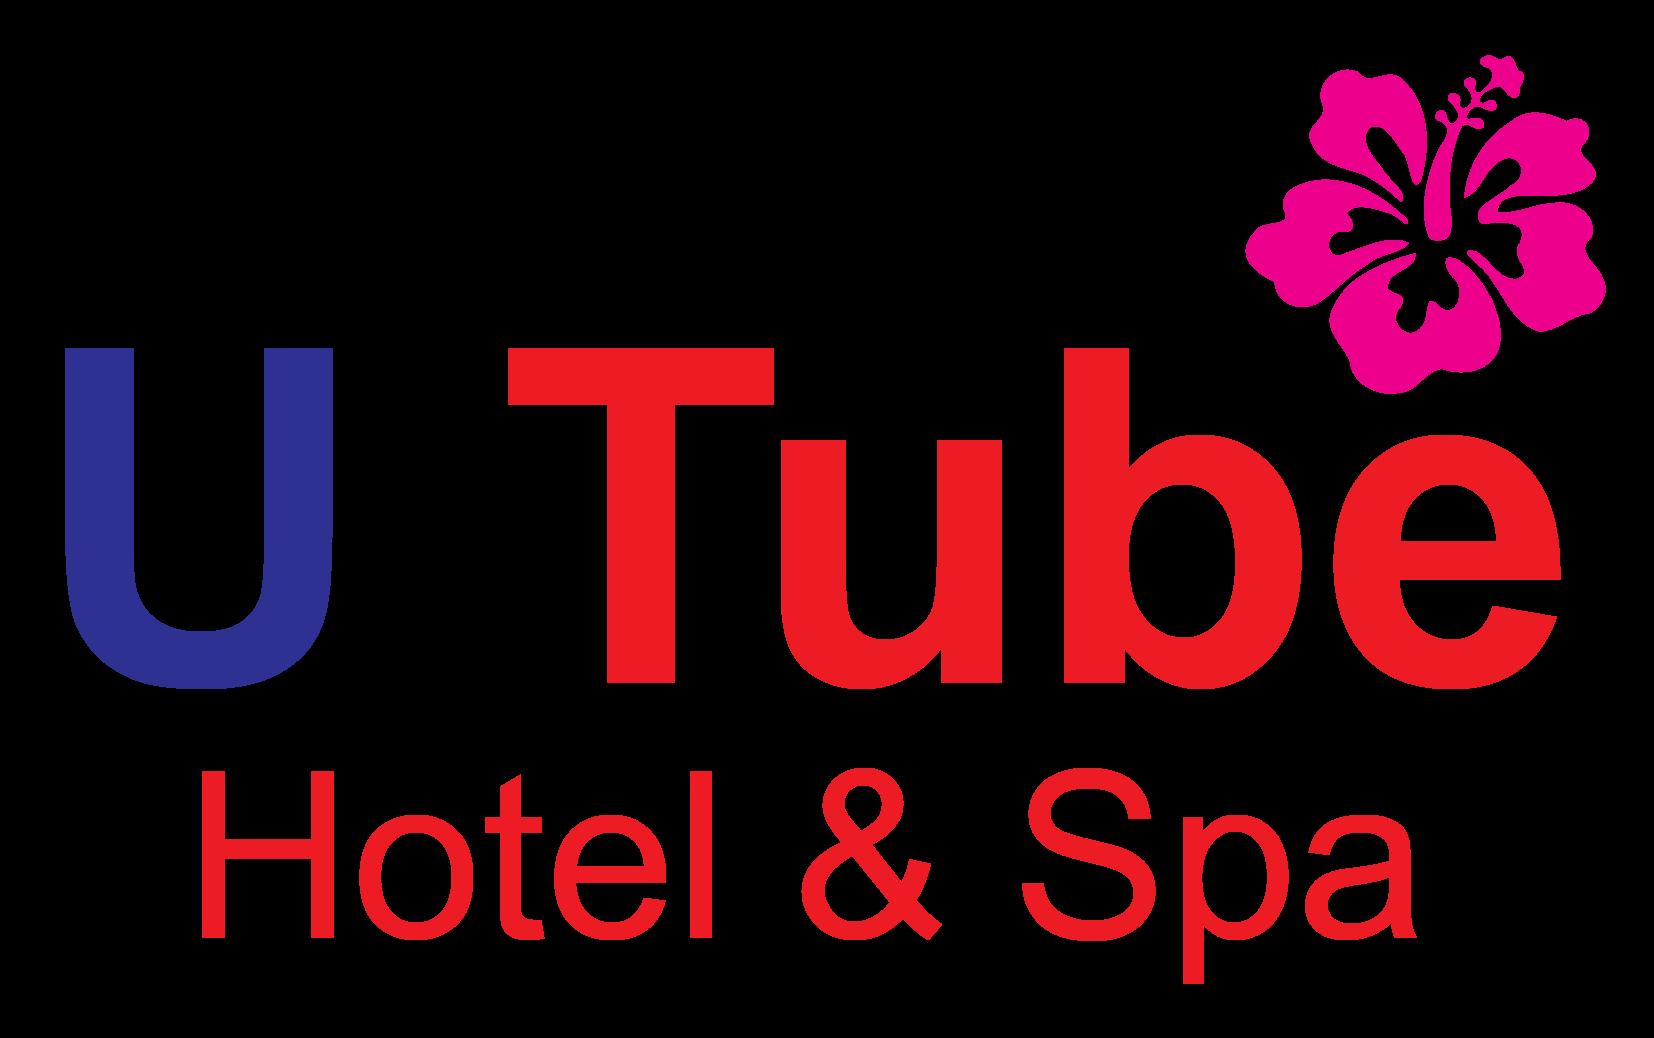 U Tube Hotel & Spa